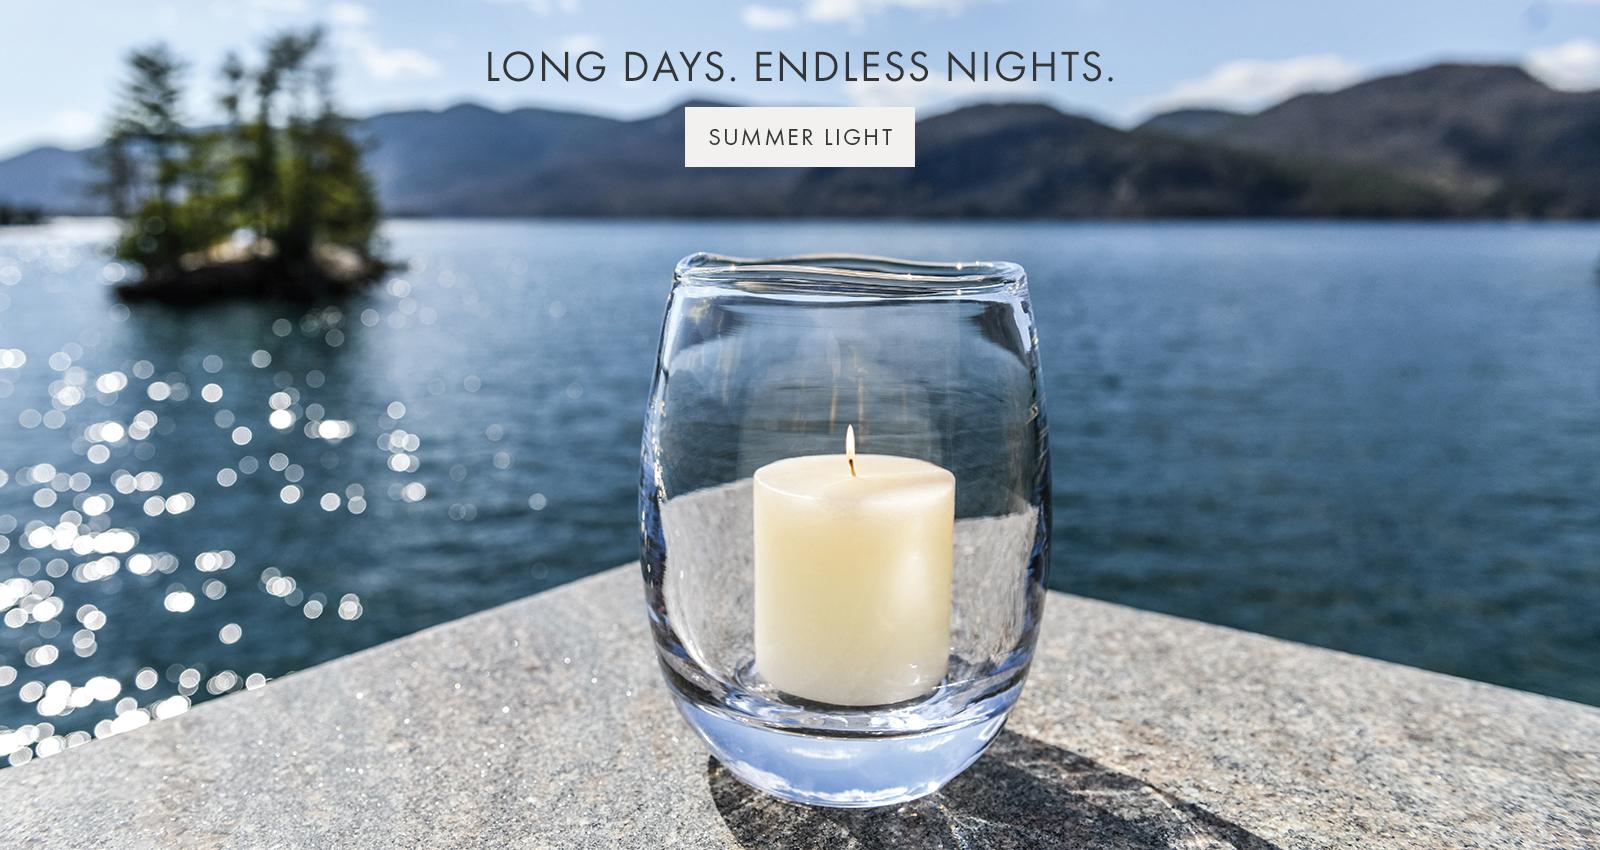 LONG DAYS. ENDLESS NIGHTS. — SUMMER LIGHT >